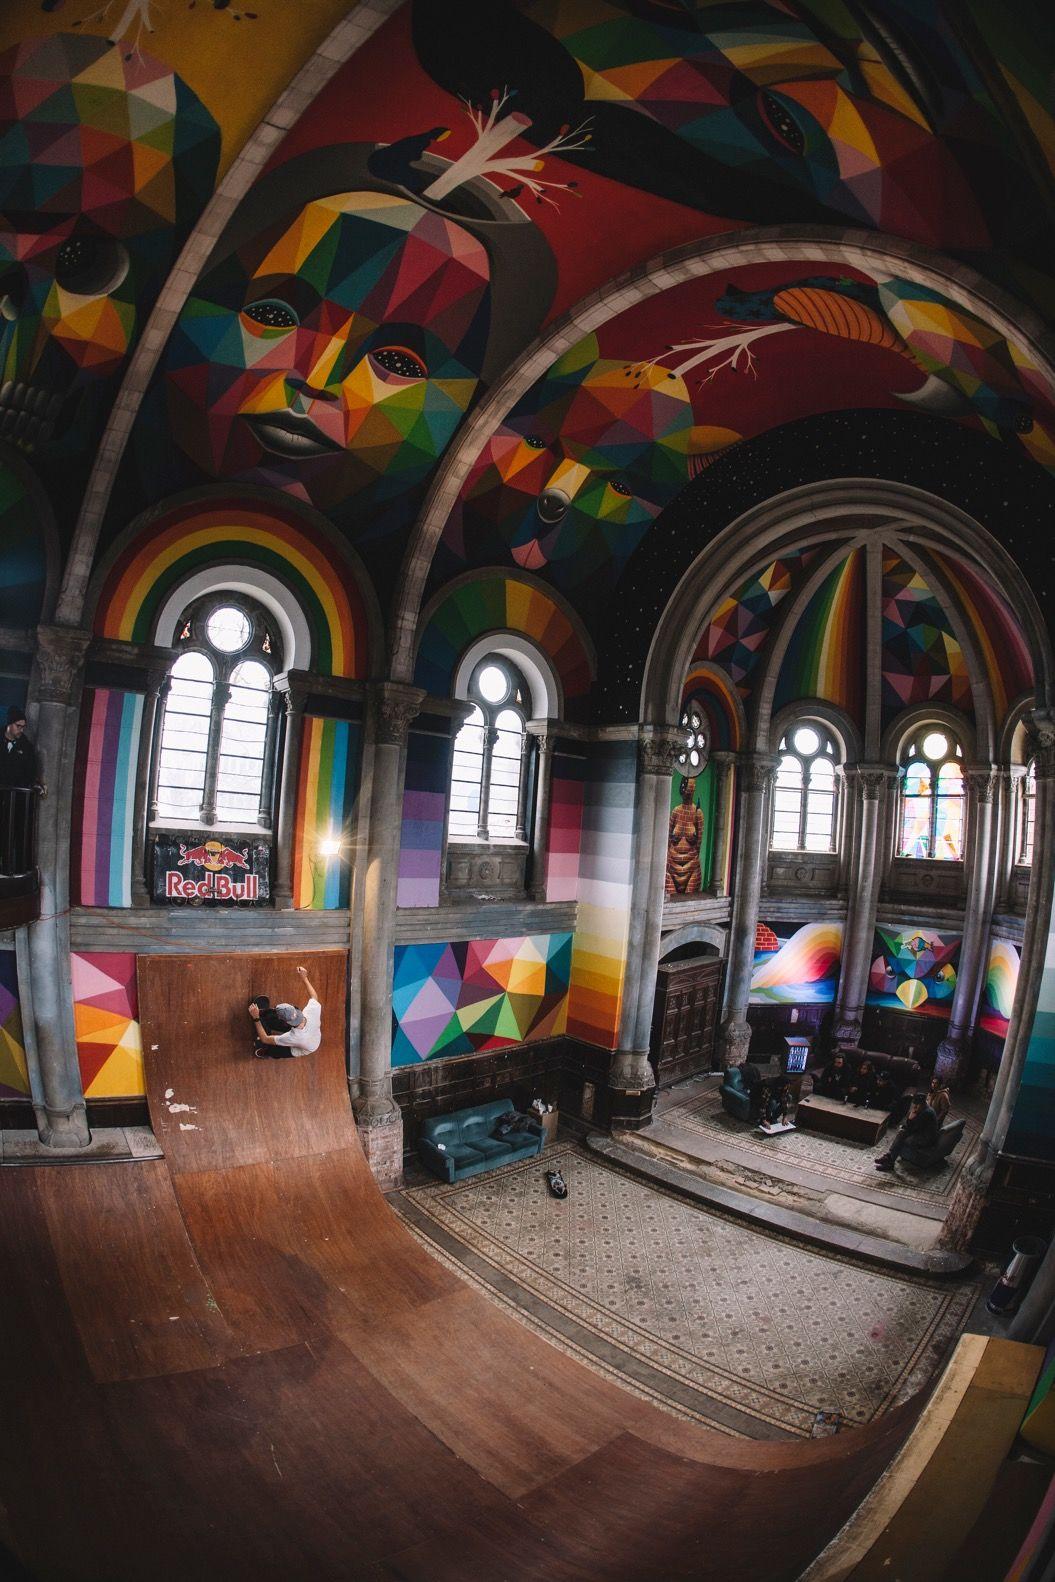 スペインにある築100年の教会が、スケボーパークとして生まれ変わった